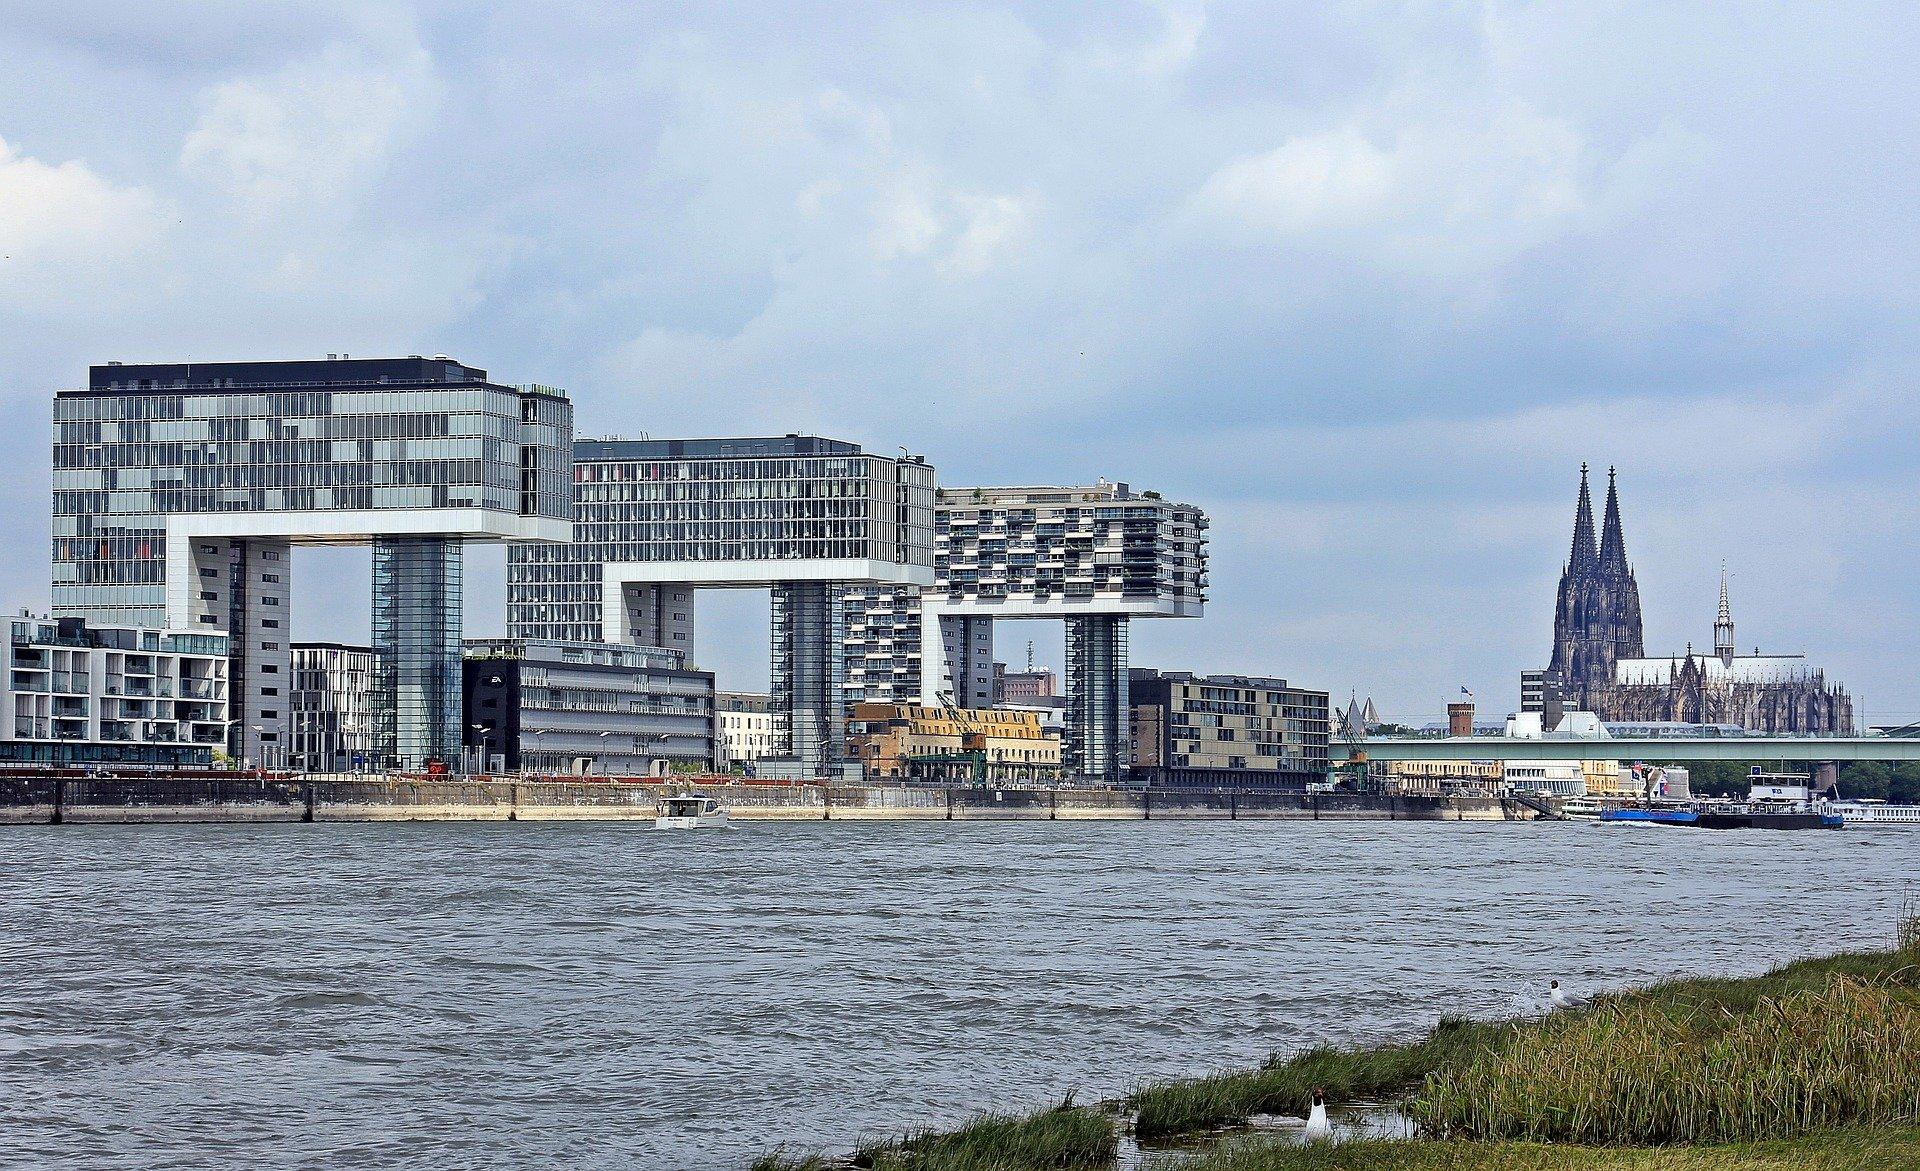 Les prix de l'immobilier s'envolent dans les grandes villes allemandes